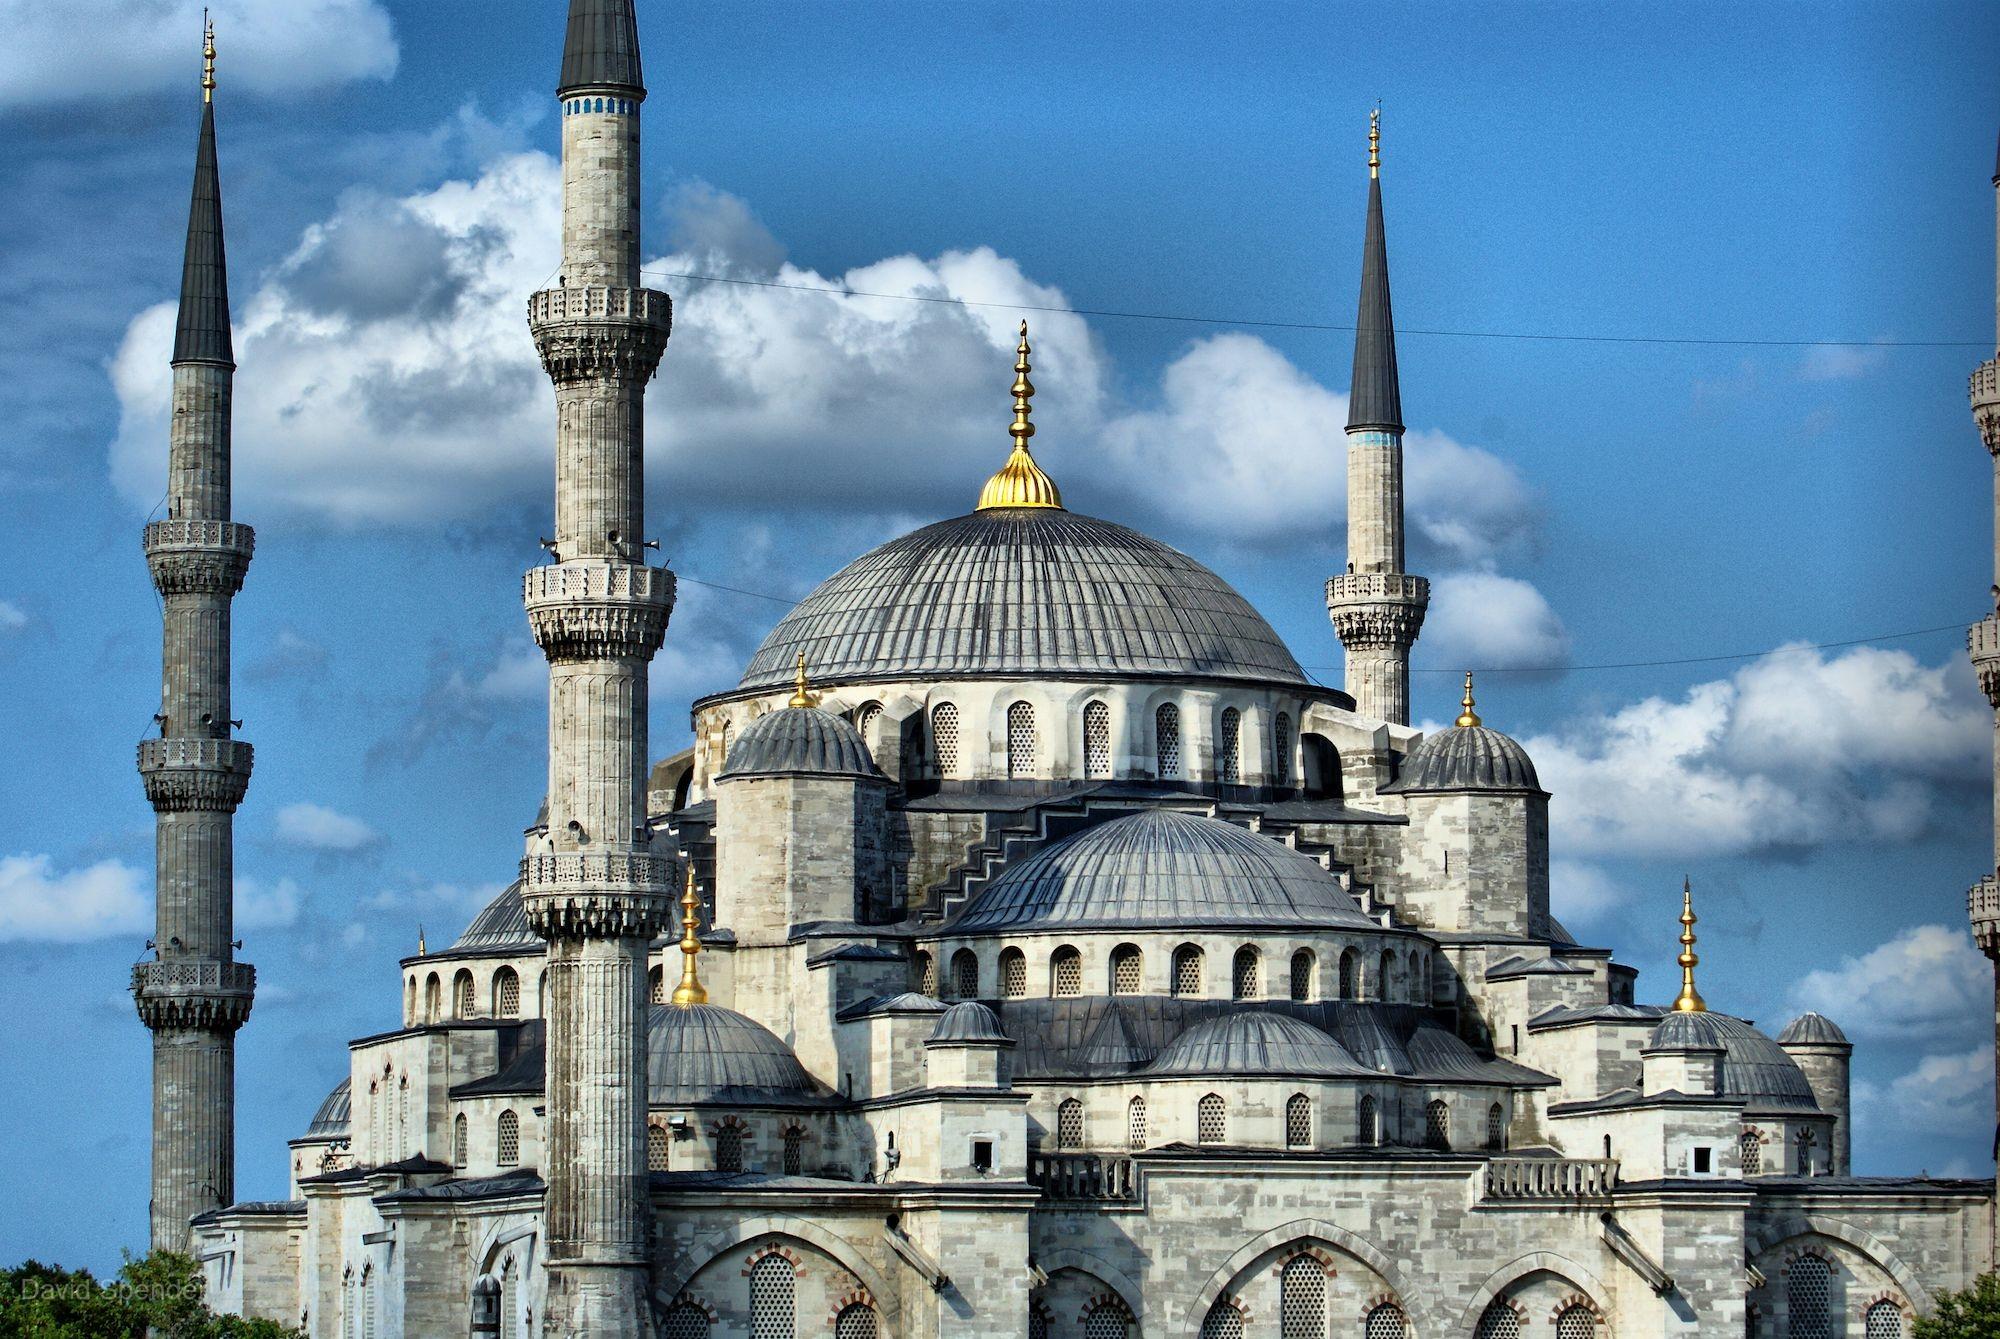 直飛土耳其奇幻國度~一段飛機、三大體驗、五大世界遺產、五星飯店、洞穴旅館10日之旅